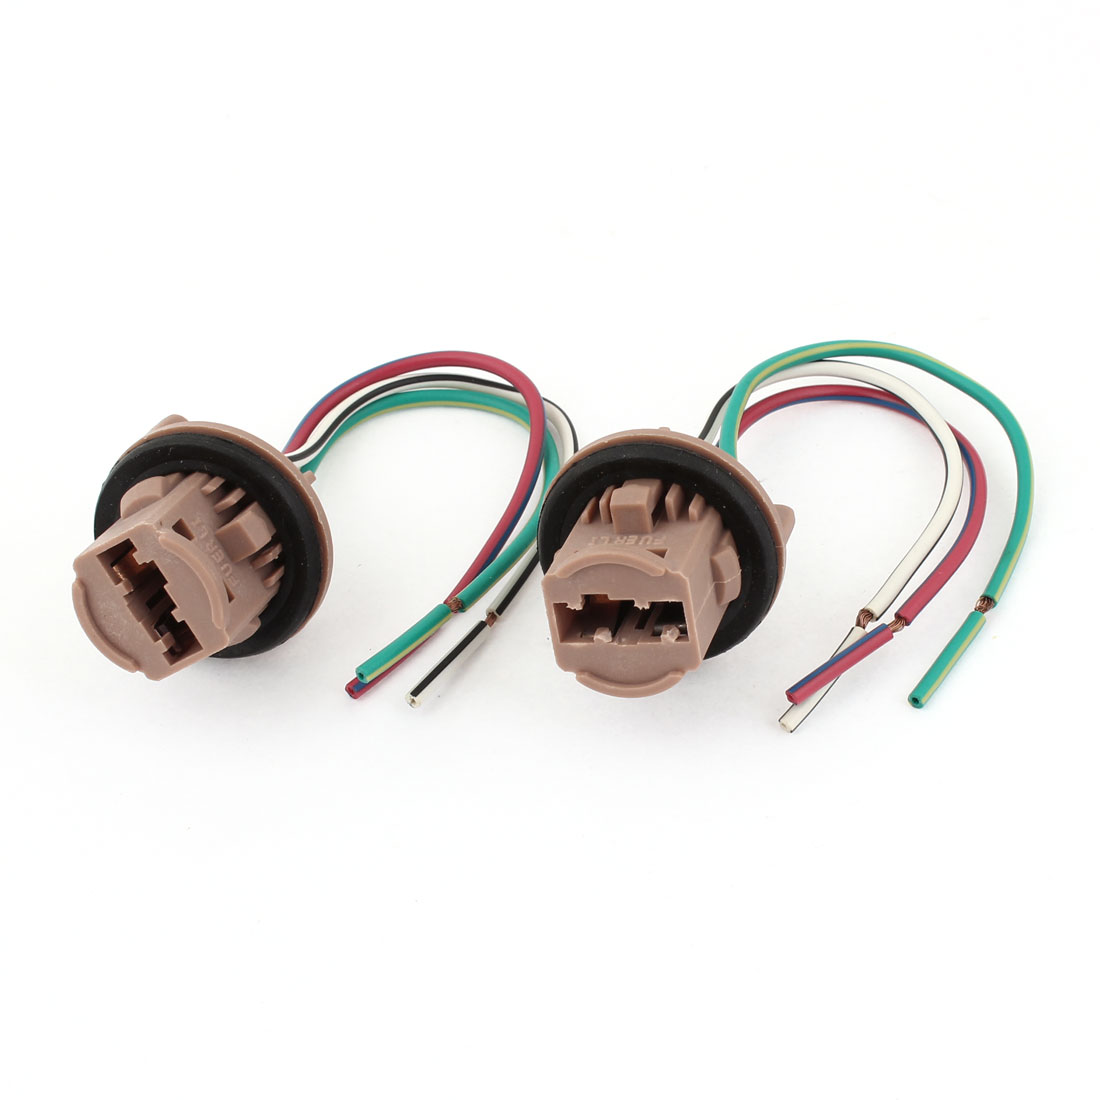 2pcs Car T20 Turn Signal Light Bulb Socket Water Resist w Wires